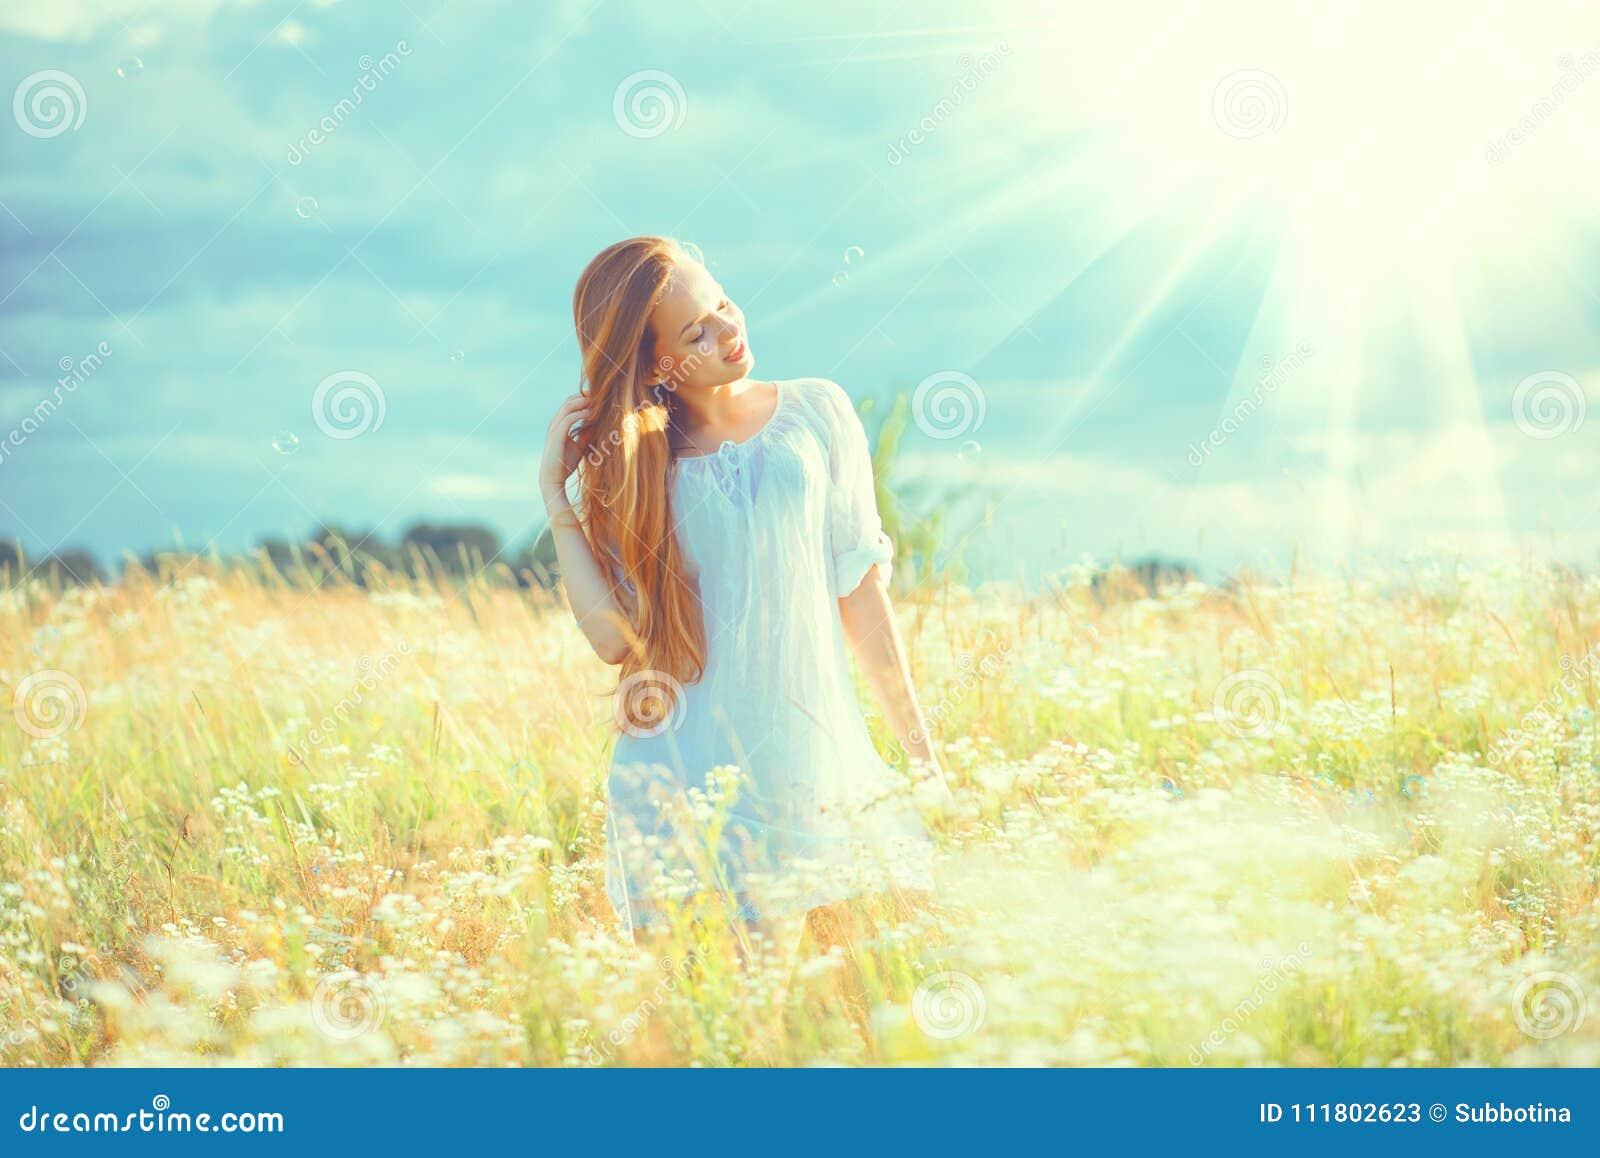 Fille de beauté appréciant dehors la nature Belle fille modèle adolescente avec de longs cheveux sains dans la robe blanche